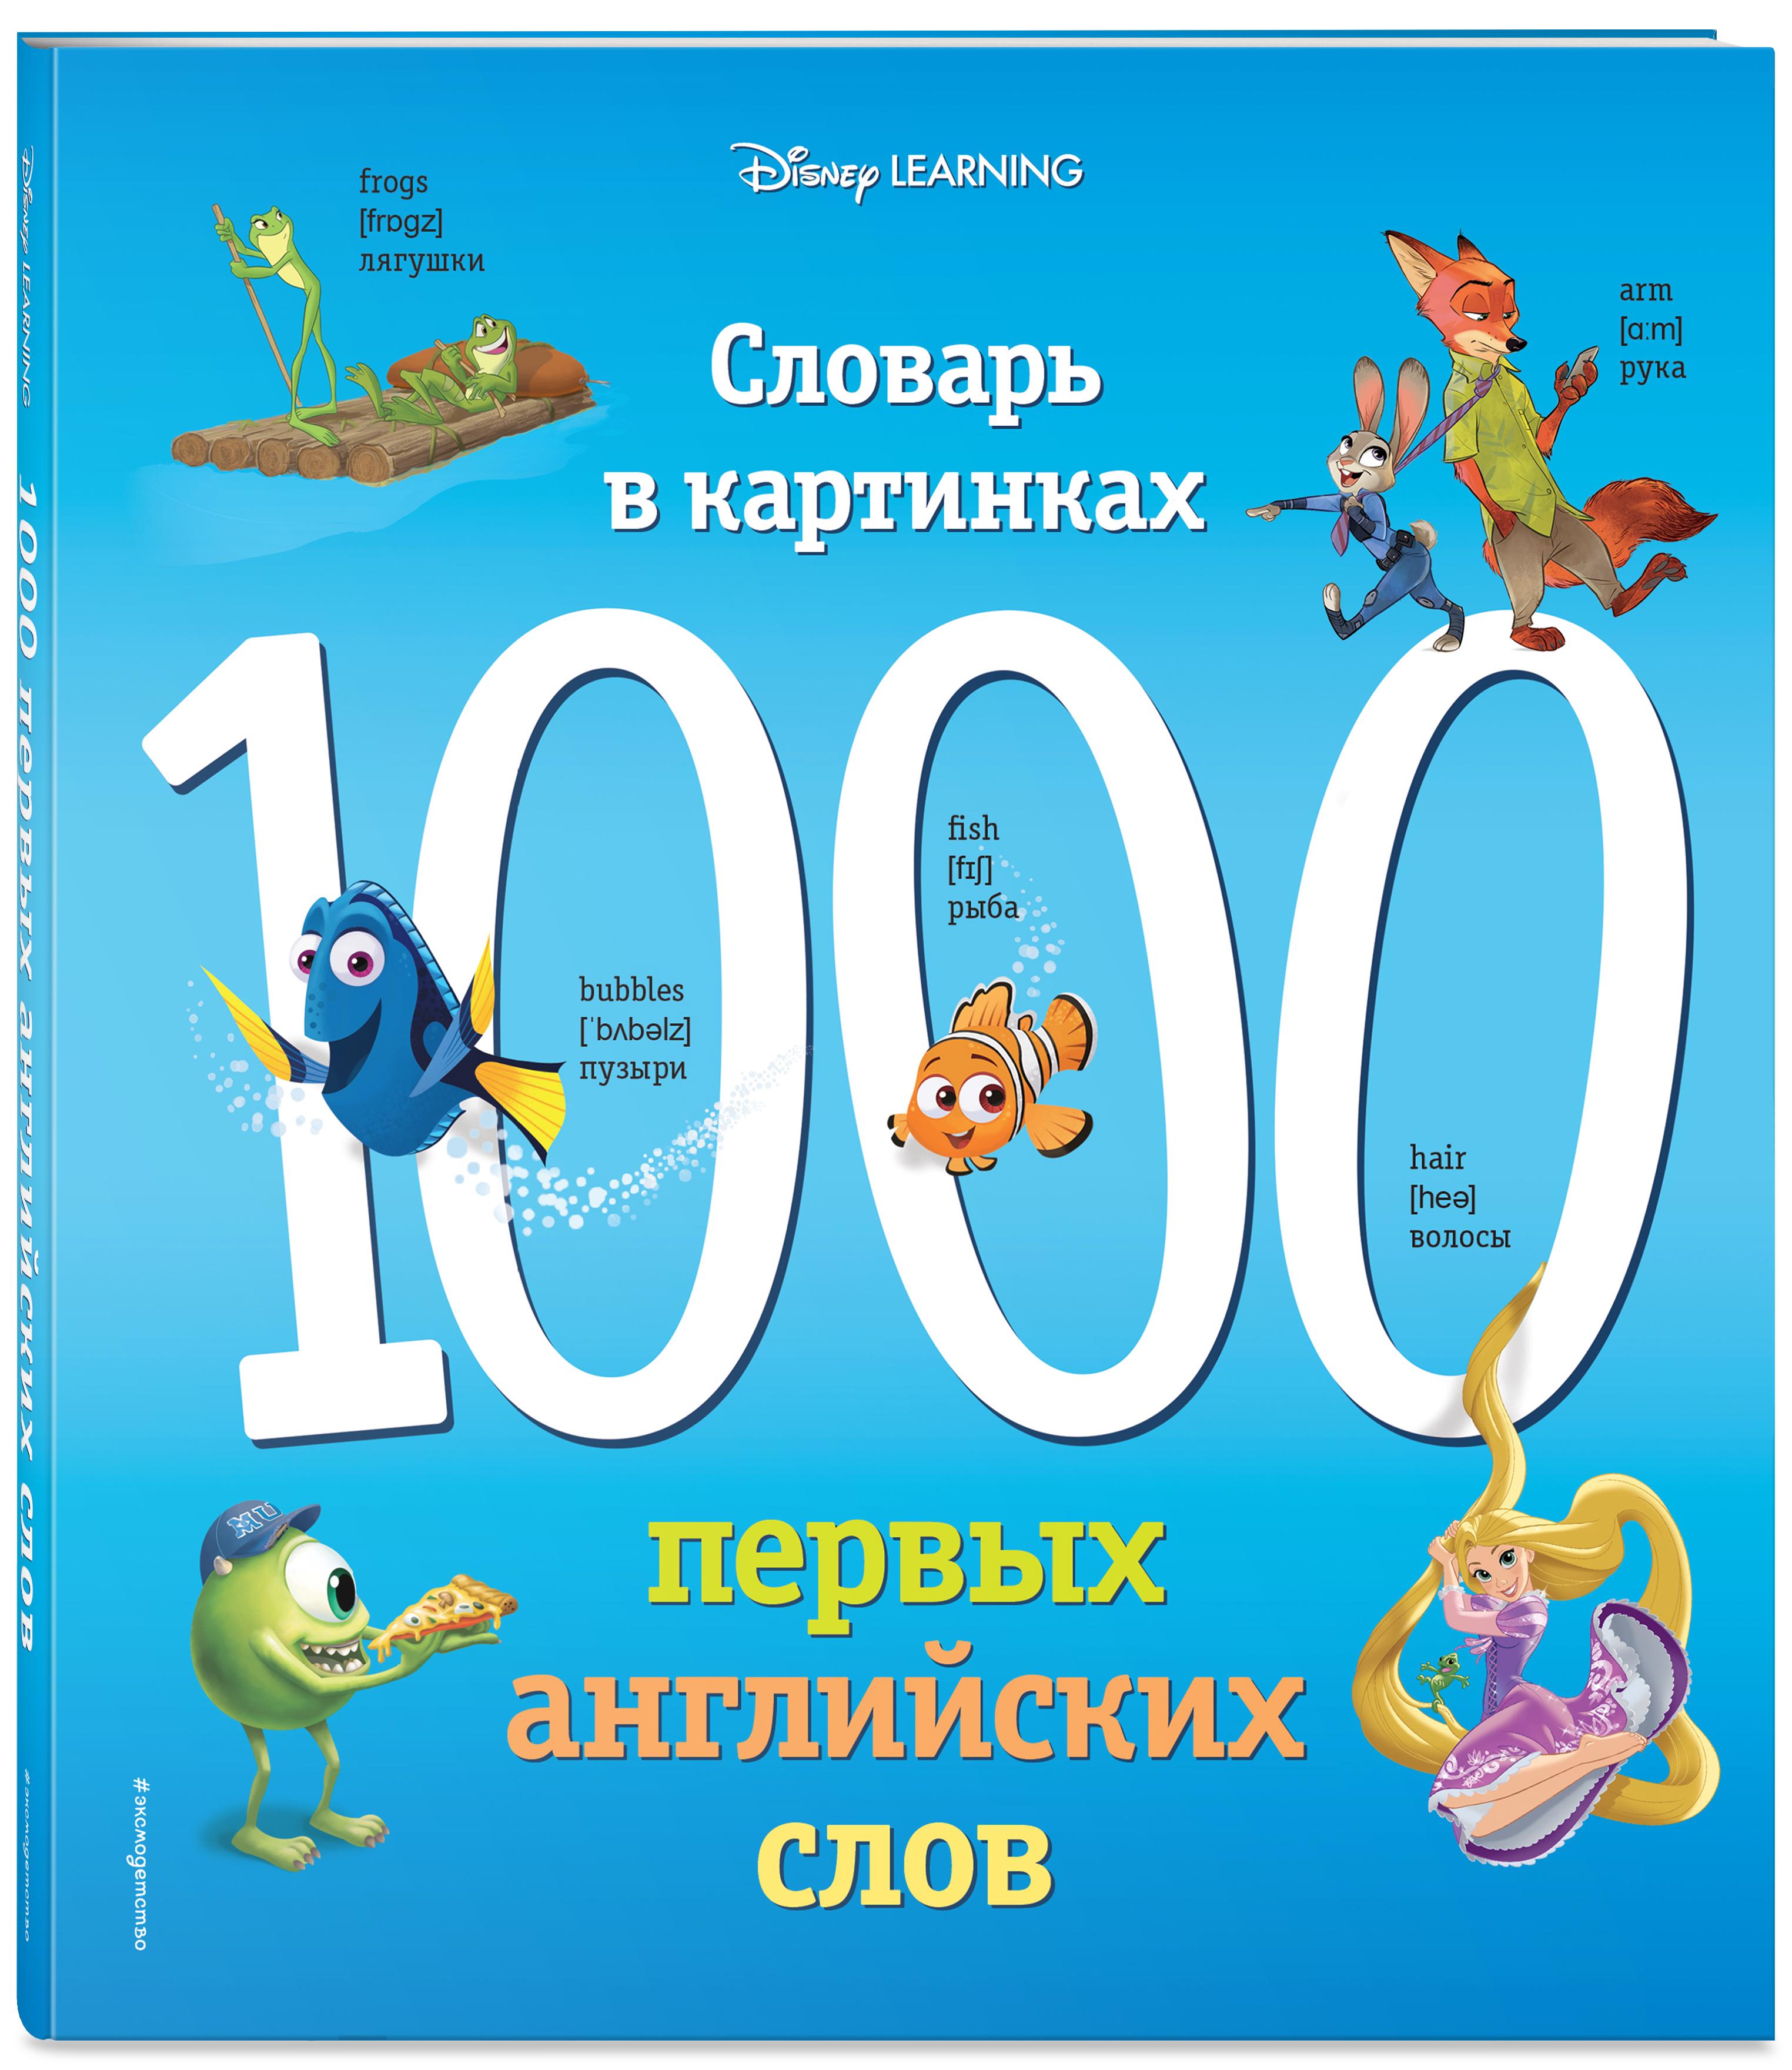 1000 первых английских слов. Словарь в картинках (Disney) самый быстрый способ выучить немецкий язык мои первые 1000 немецких слов